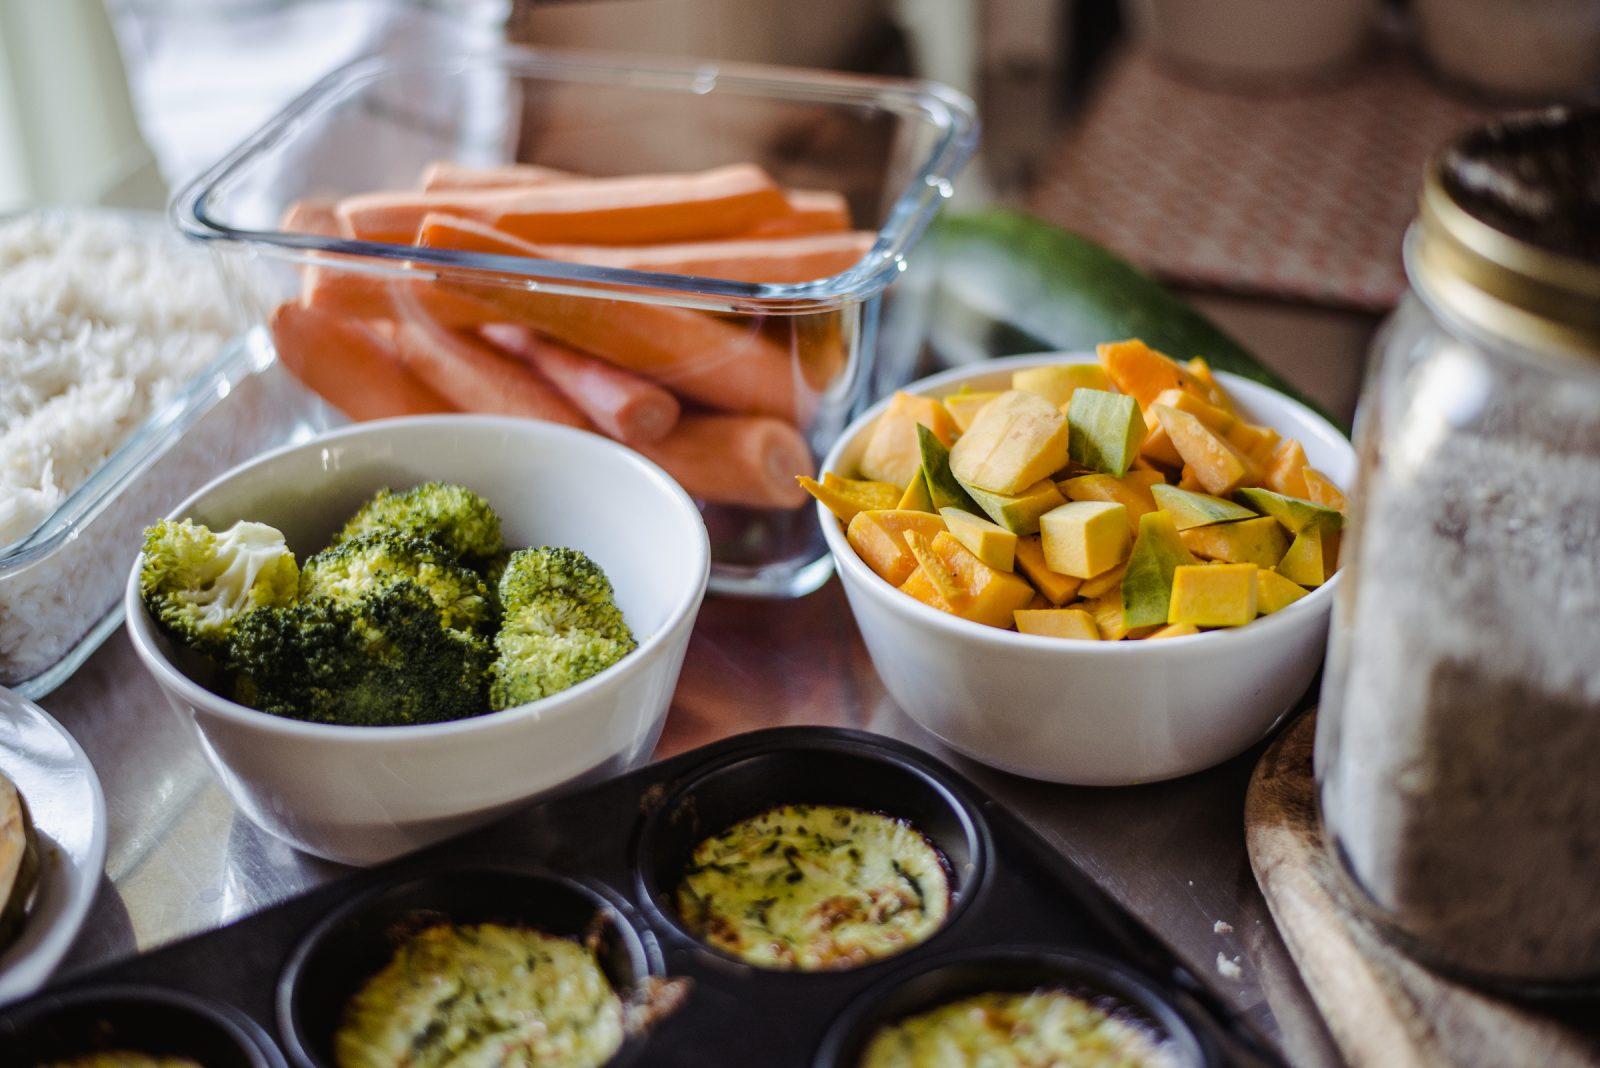 Meal prep: come organizzare i pasti della settimana Ricominciodaquattro